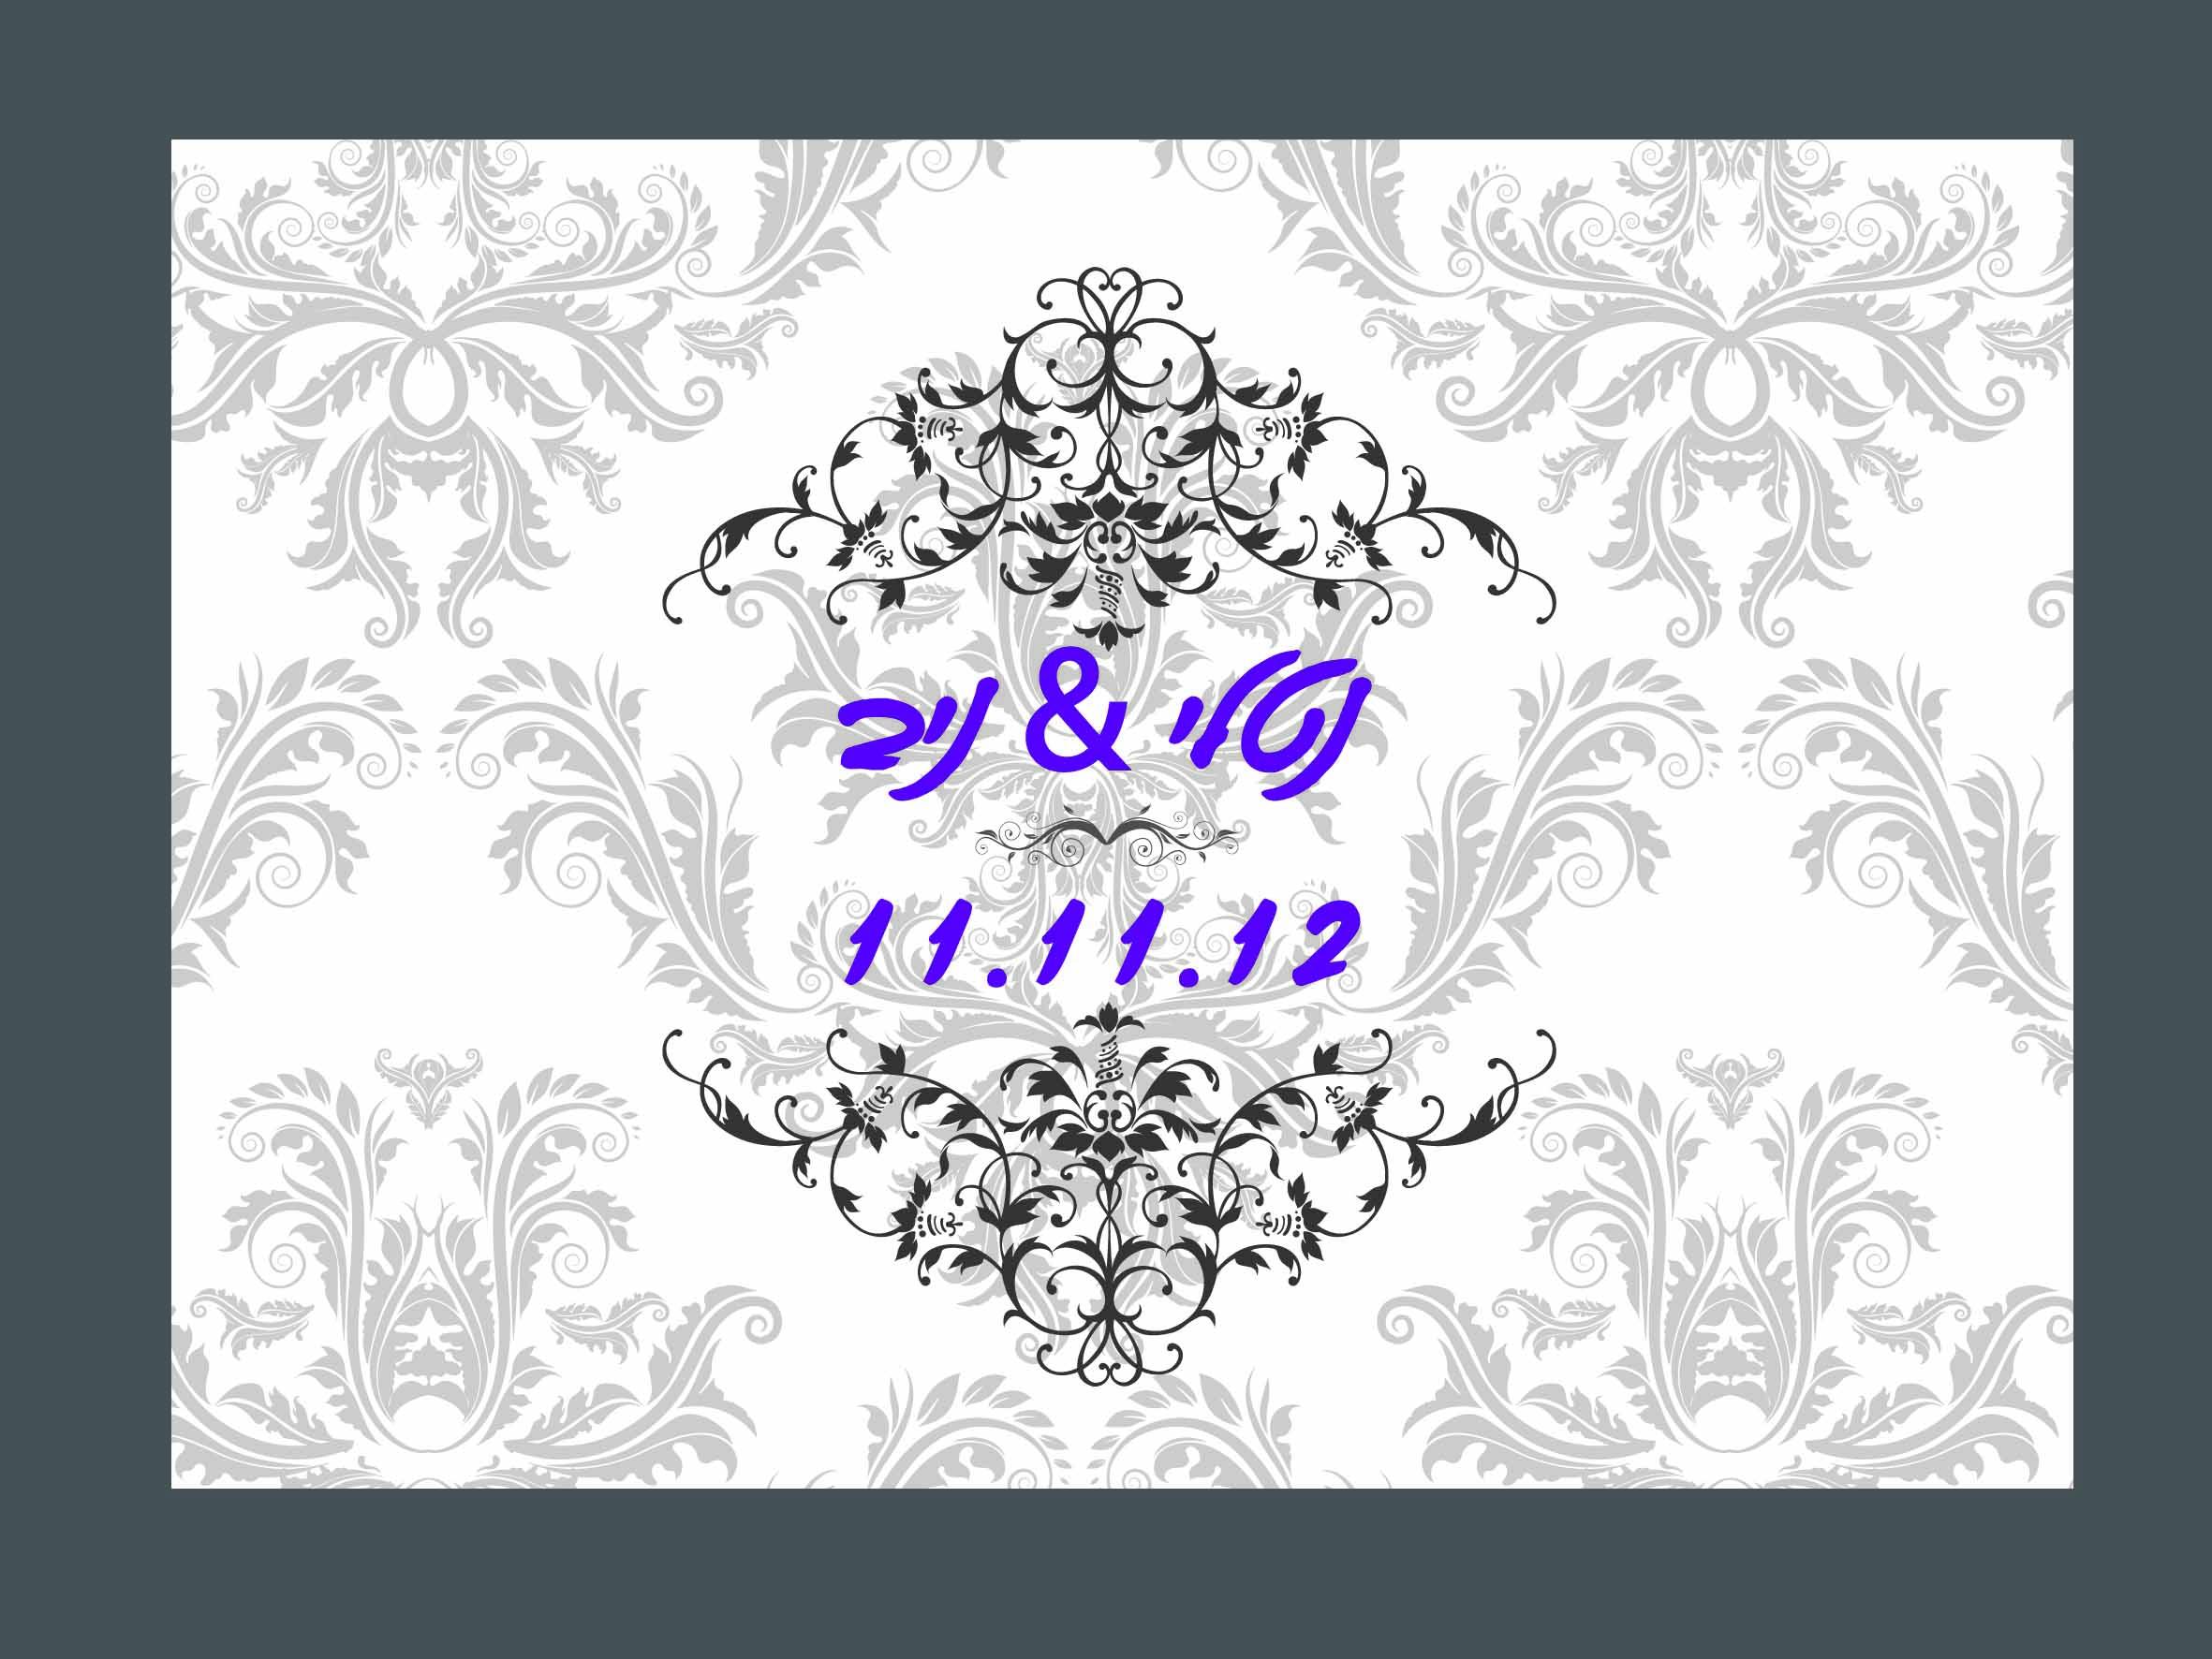 נטלי וניב הזמנות לחתונה